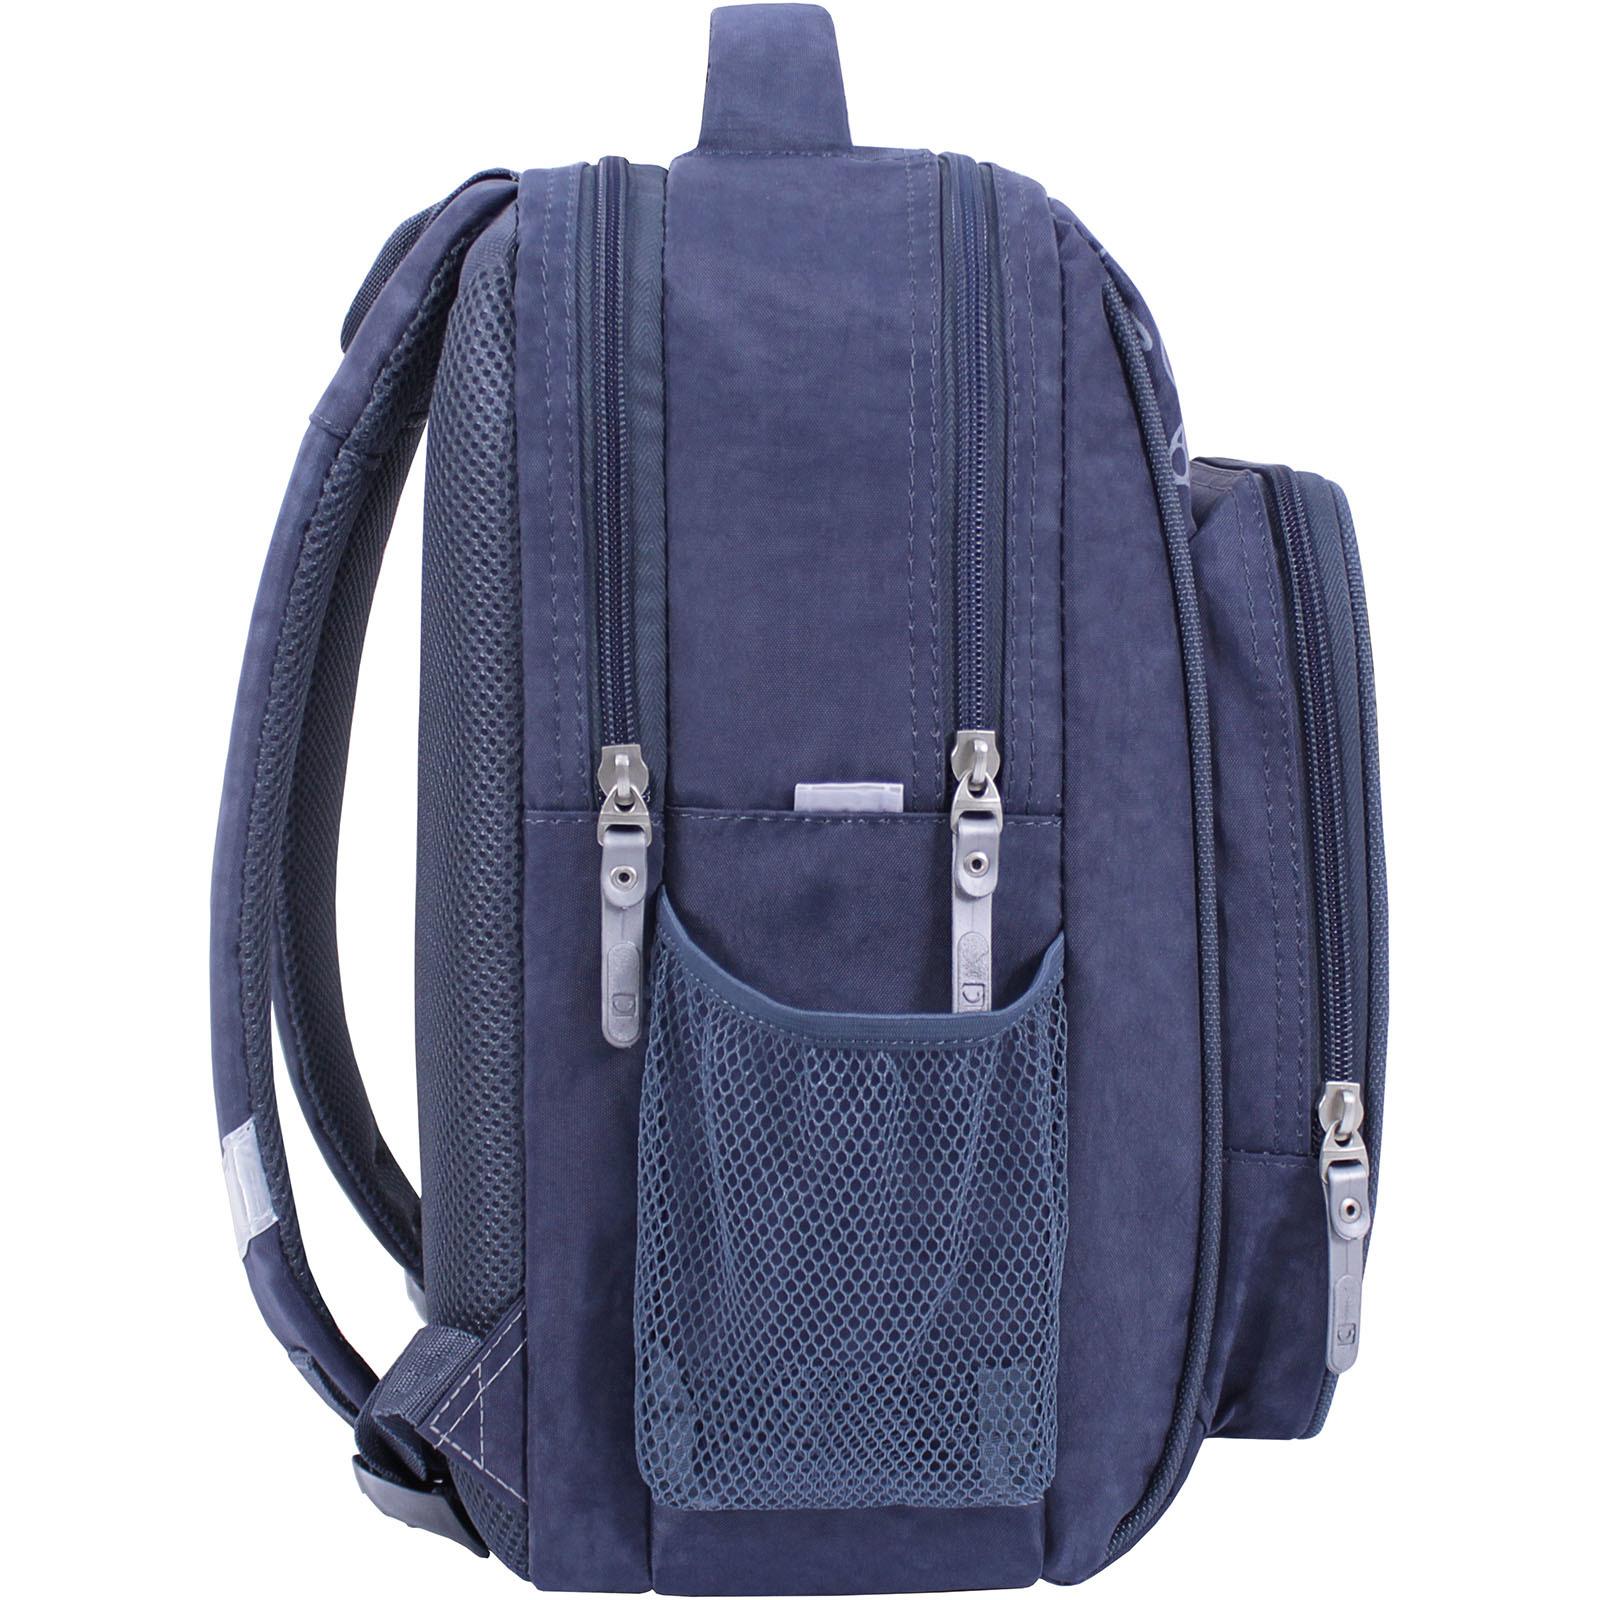 Рюкзак школьный Bagland Школьник 8 л. 321 серый 506 (0012870) фото 2